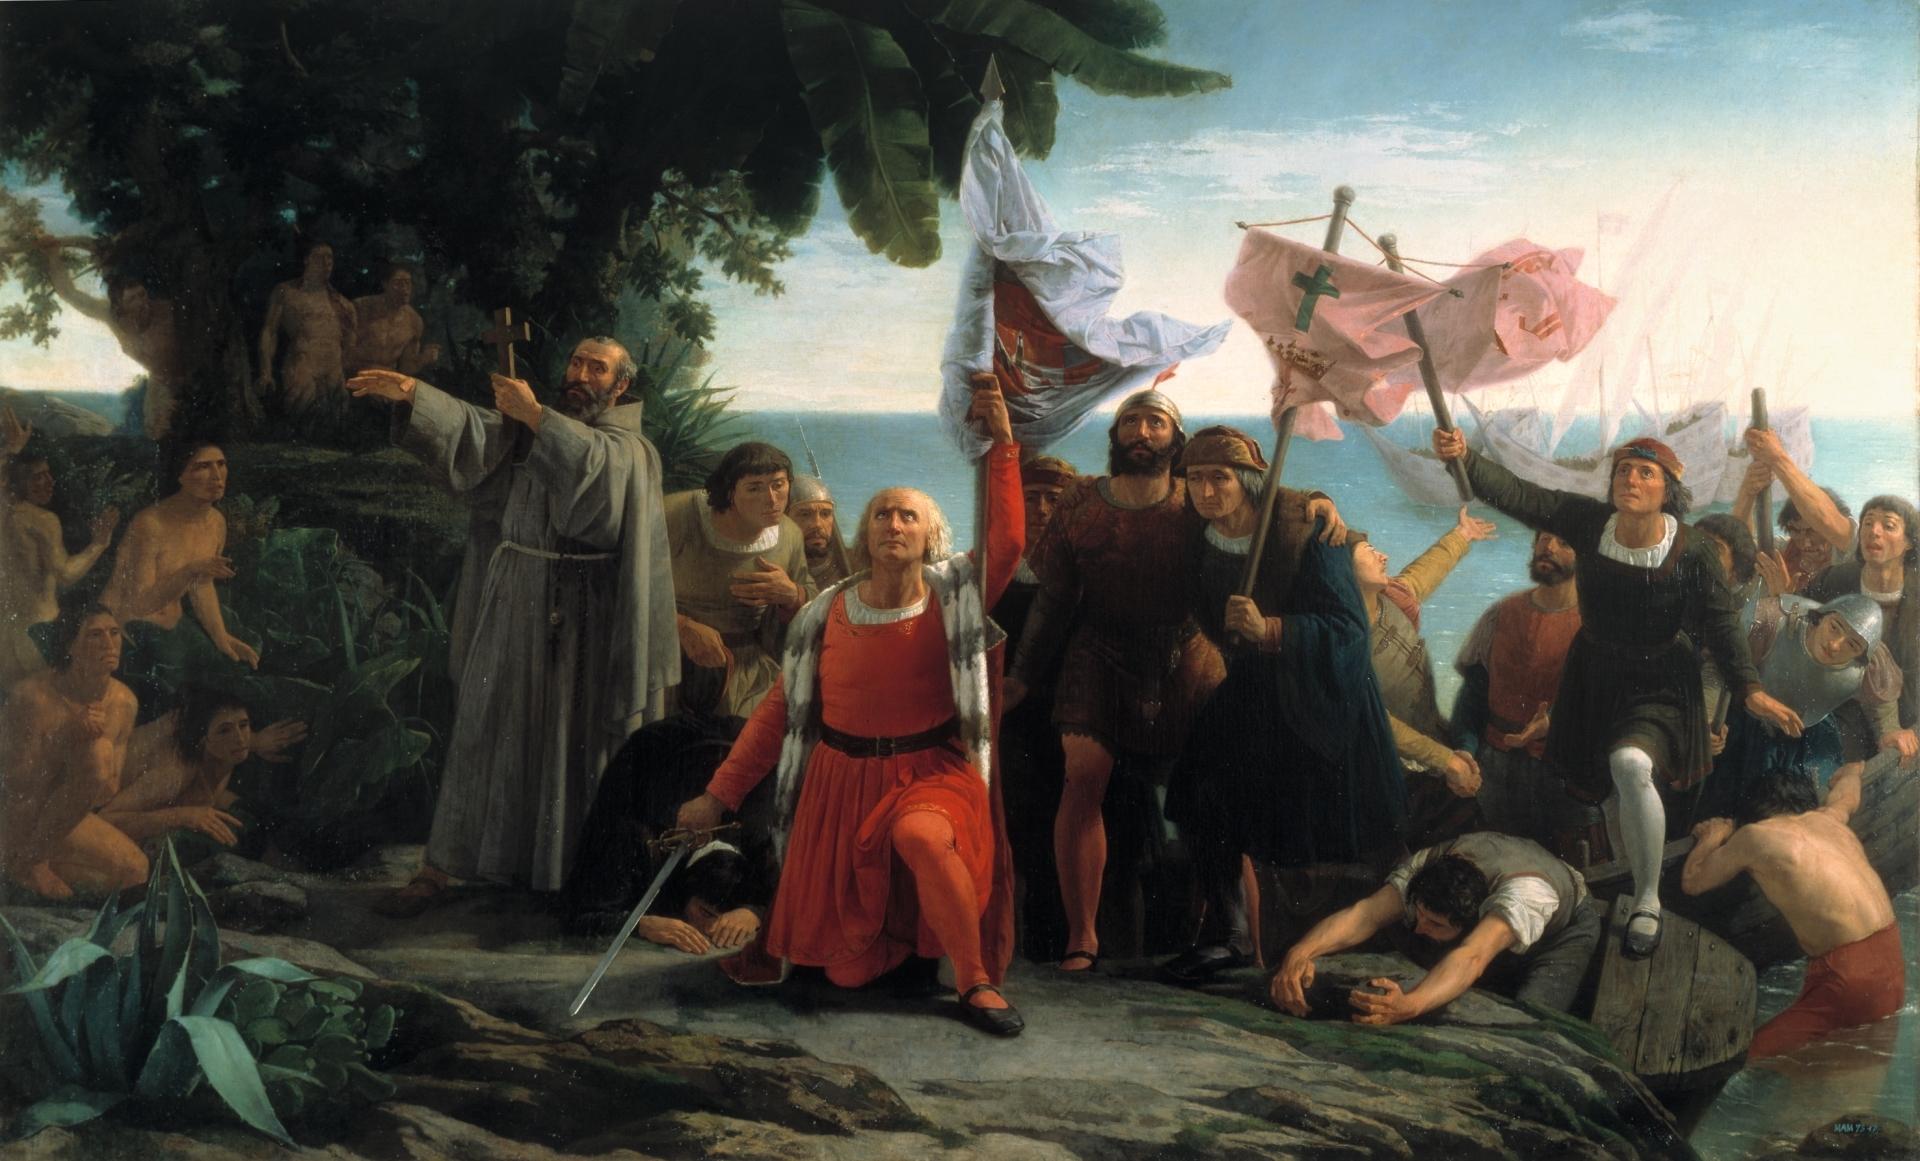 Colombo sbarcato nel Nuovo Mondo. Dióscoro Puebla, 1862, collezione del Museo del Prado.